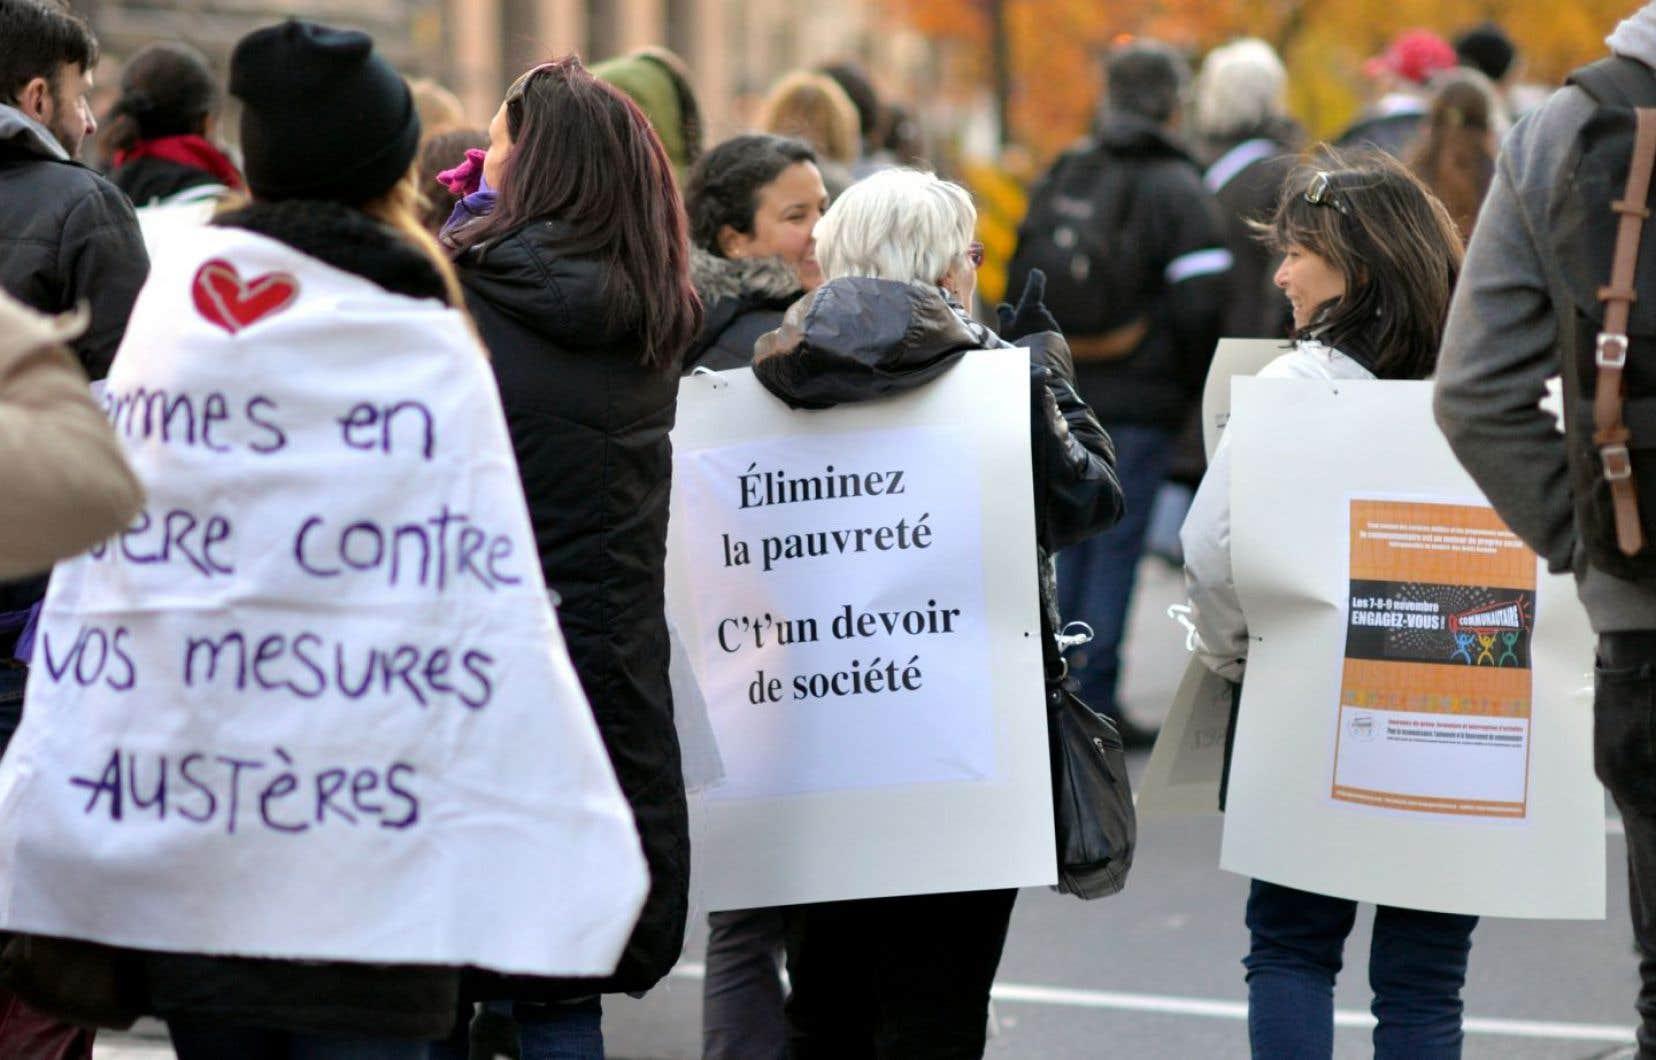 La réforme de l'aide sociale suscite l'ire d'organismes communautaires qui luttent contre la pauvreté. Une marche regroupant quelques-uns d'entre eux eu lieu à Montréal, le 9 novembre dernier.